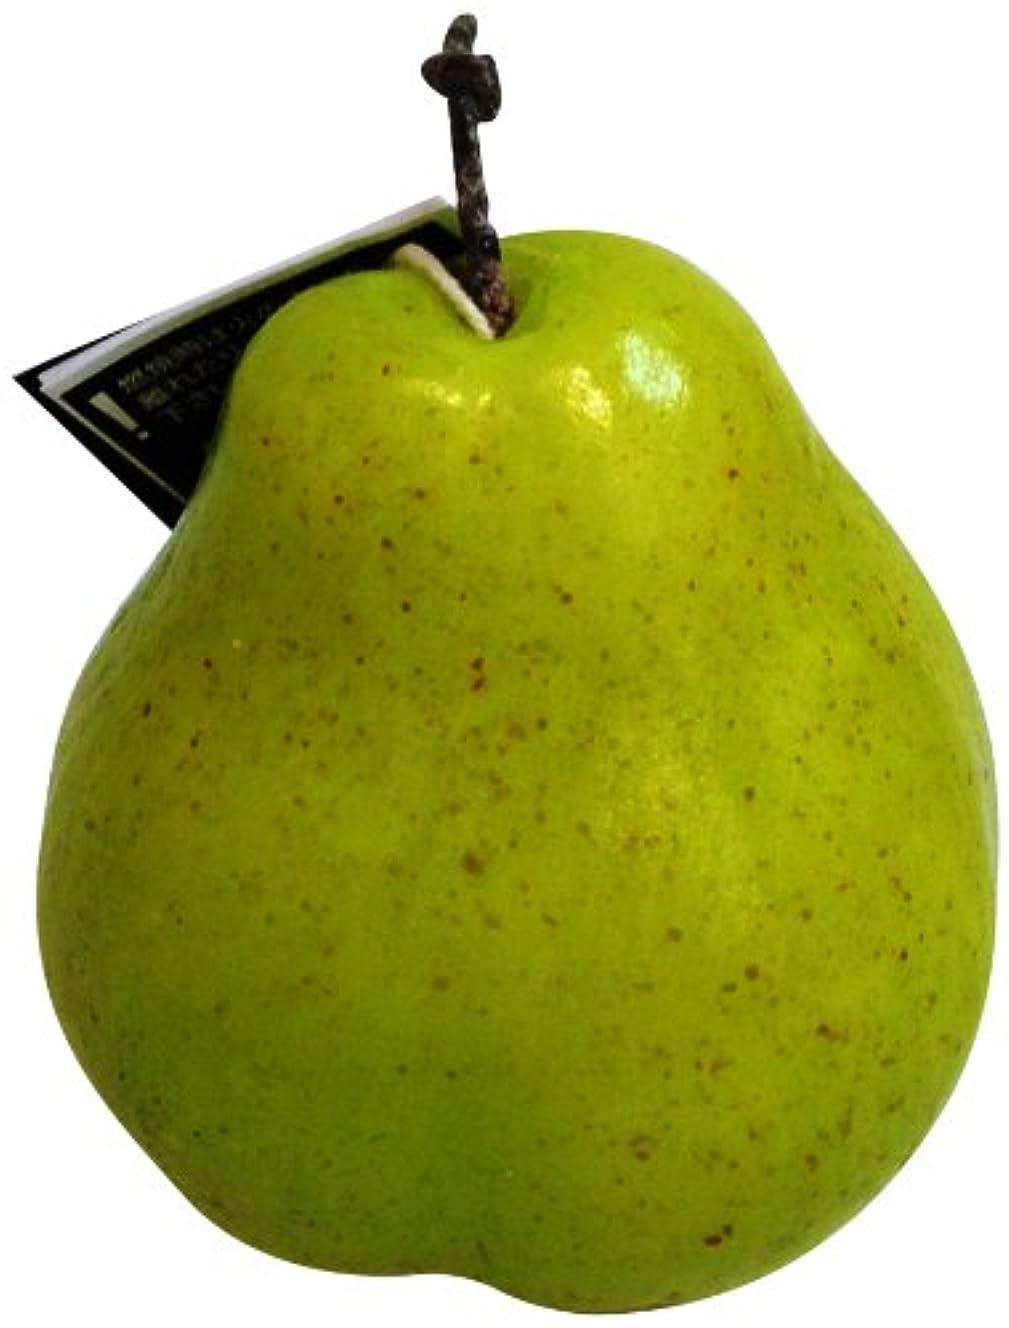 開梱ペッカディロ農業ニミティッドフルーツキャンドル グリーンペアー ラージ